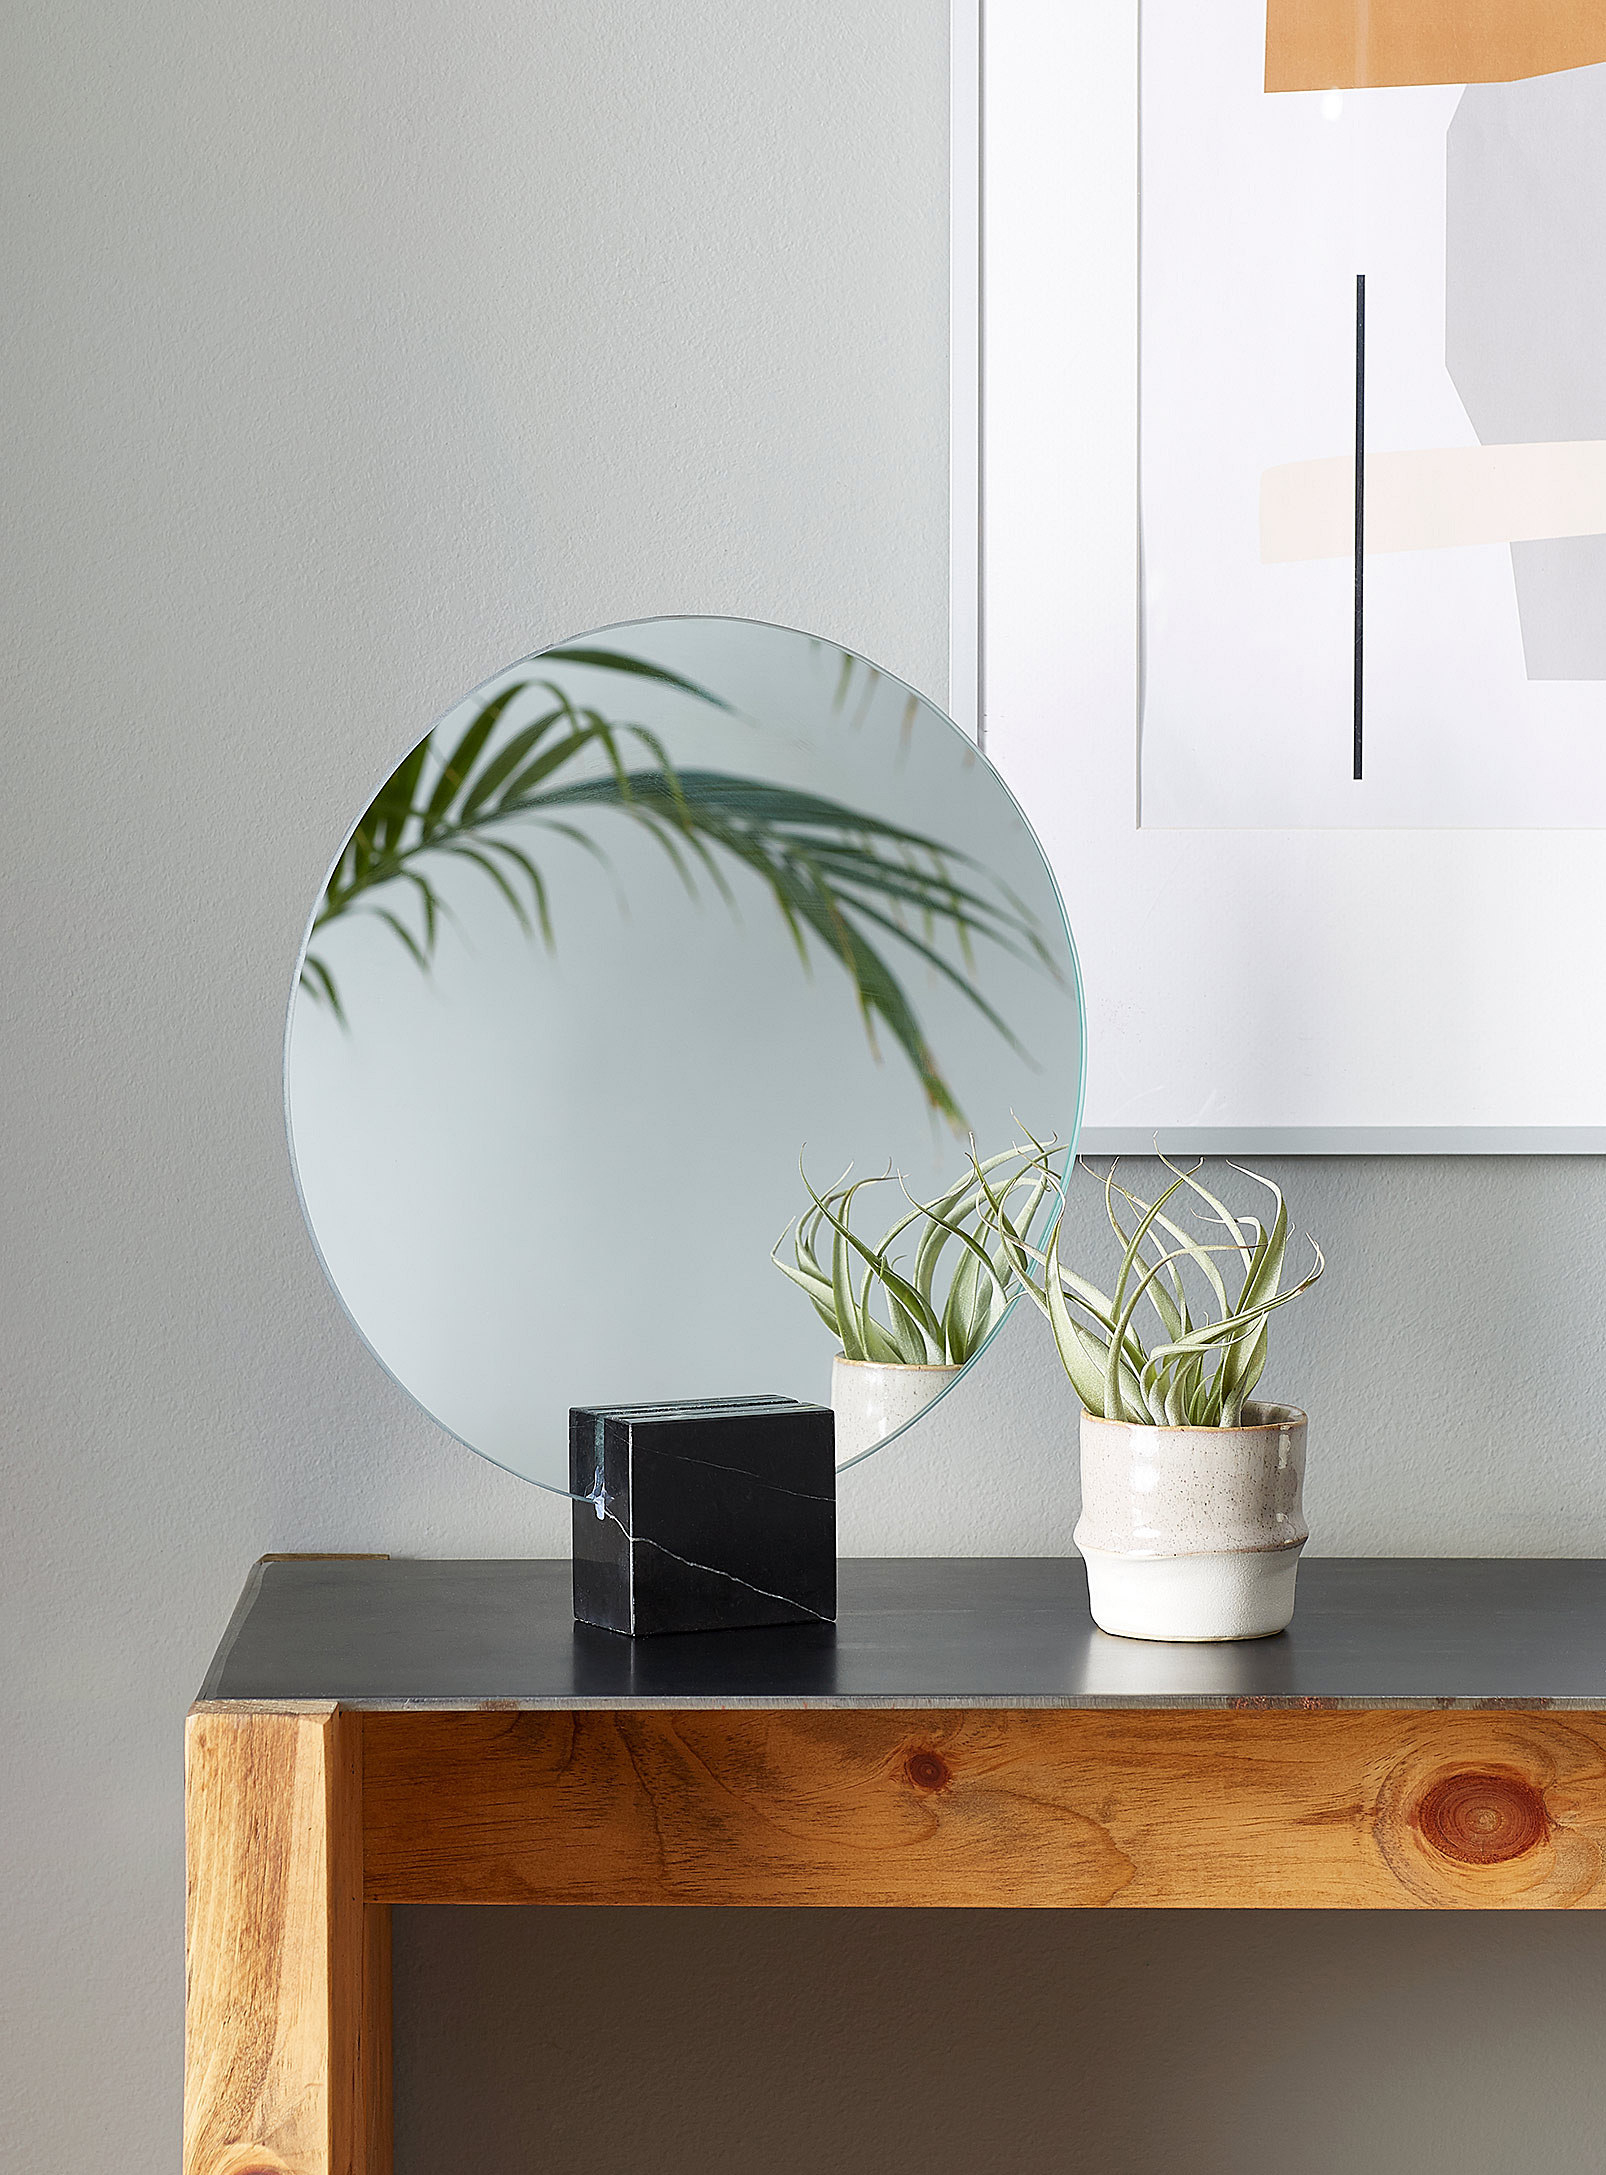 mirror on desk